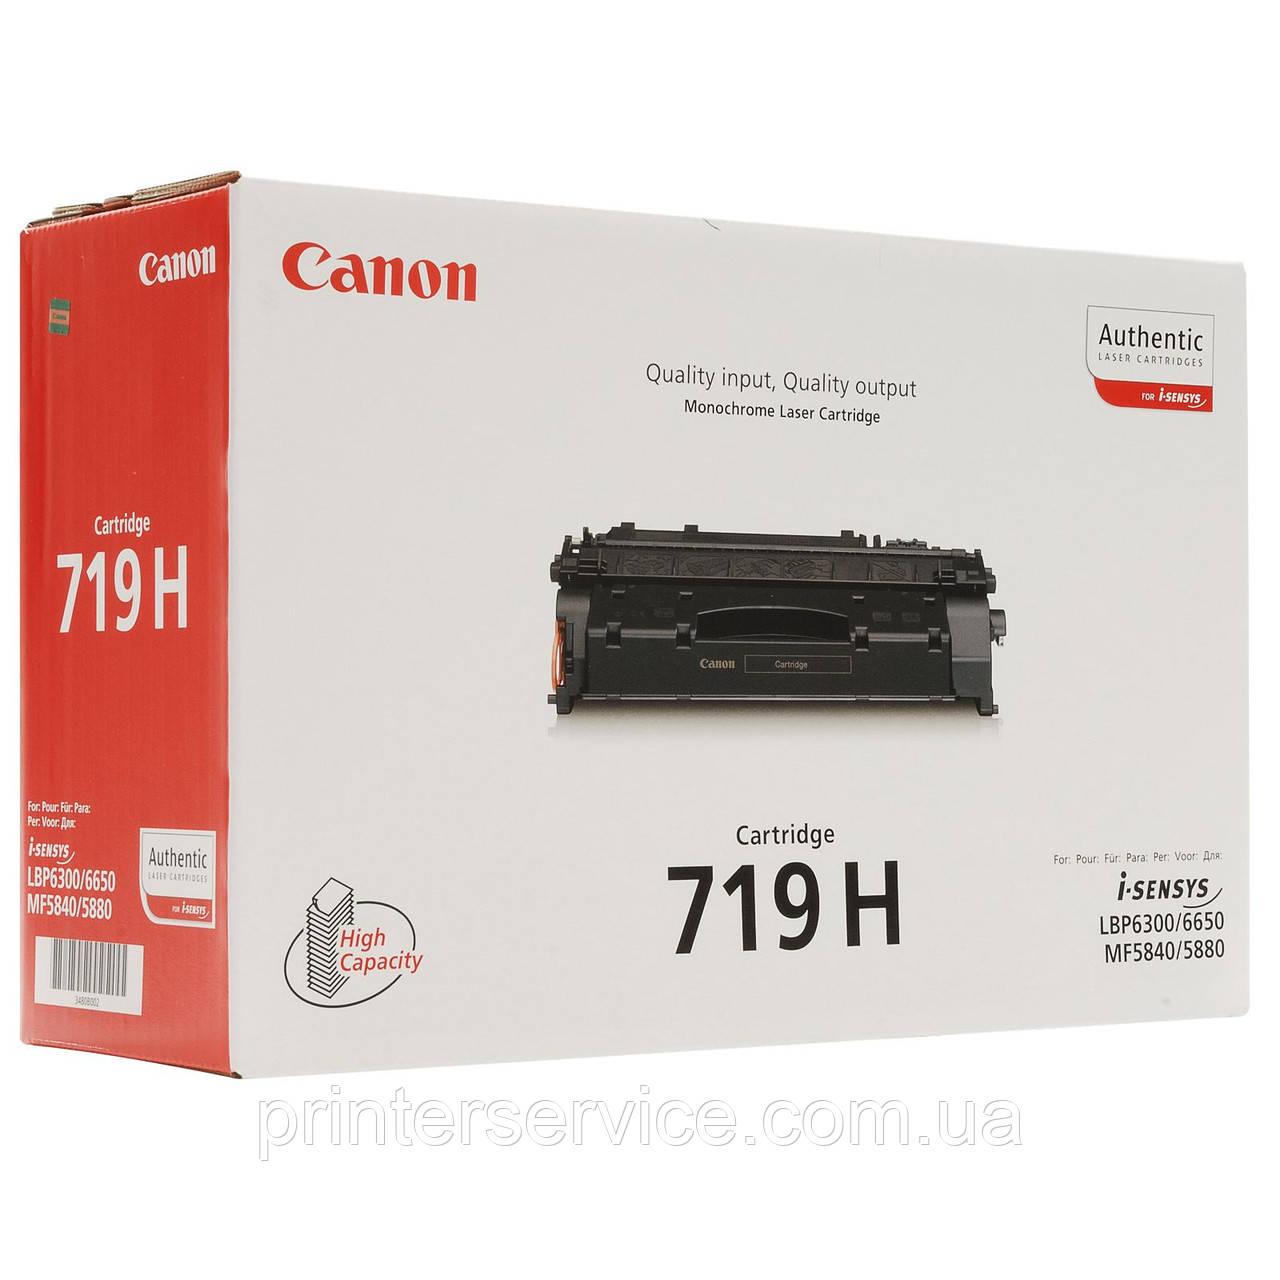 Лазерный картридж черный Canon 719H для принтеров Canon LBP-6300dn/6650dn, MF5580dn/ 5840dn